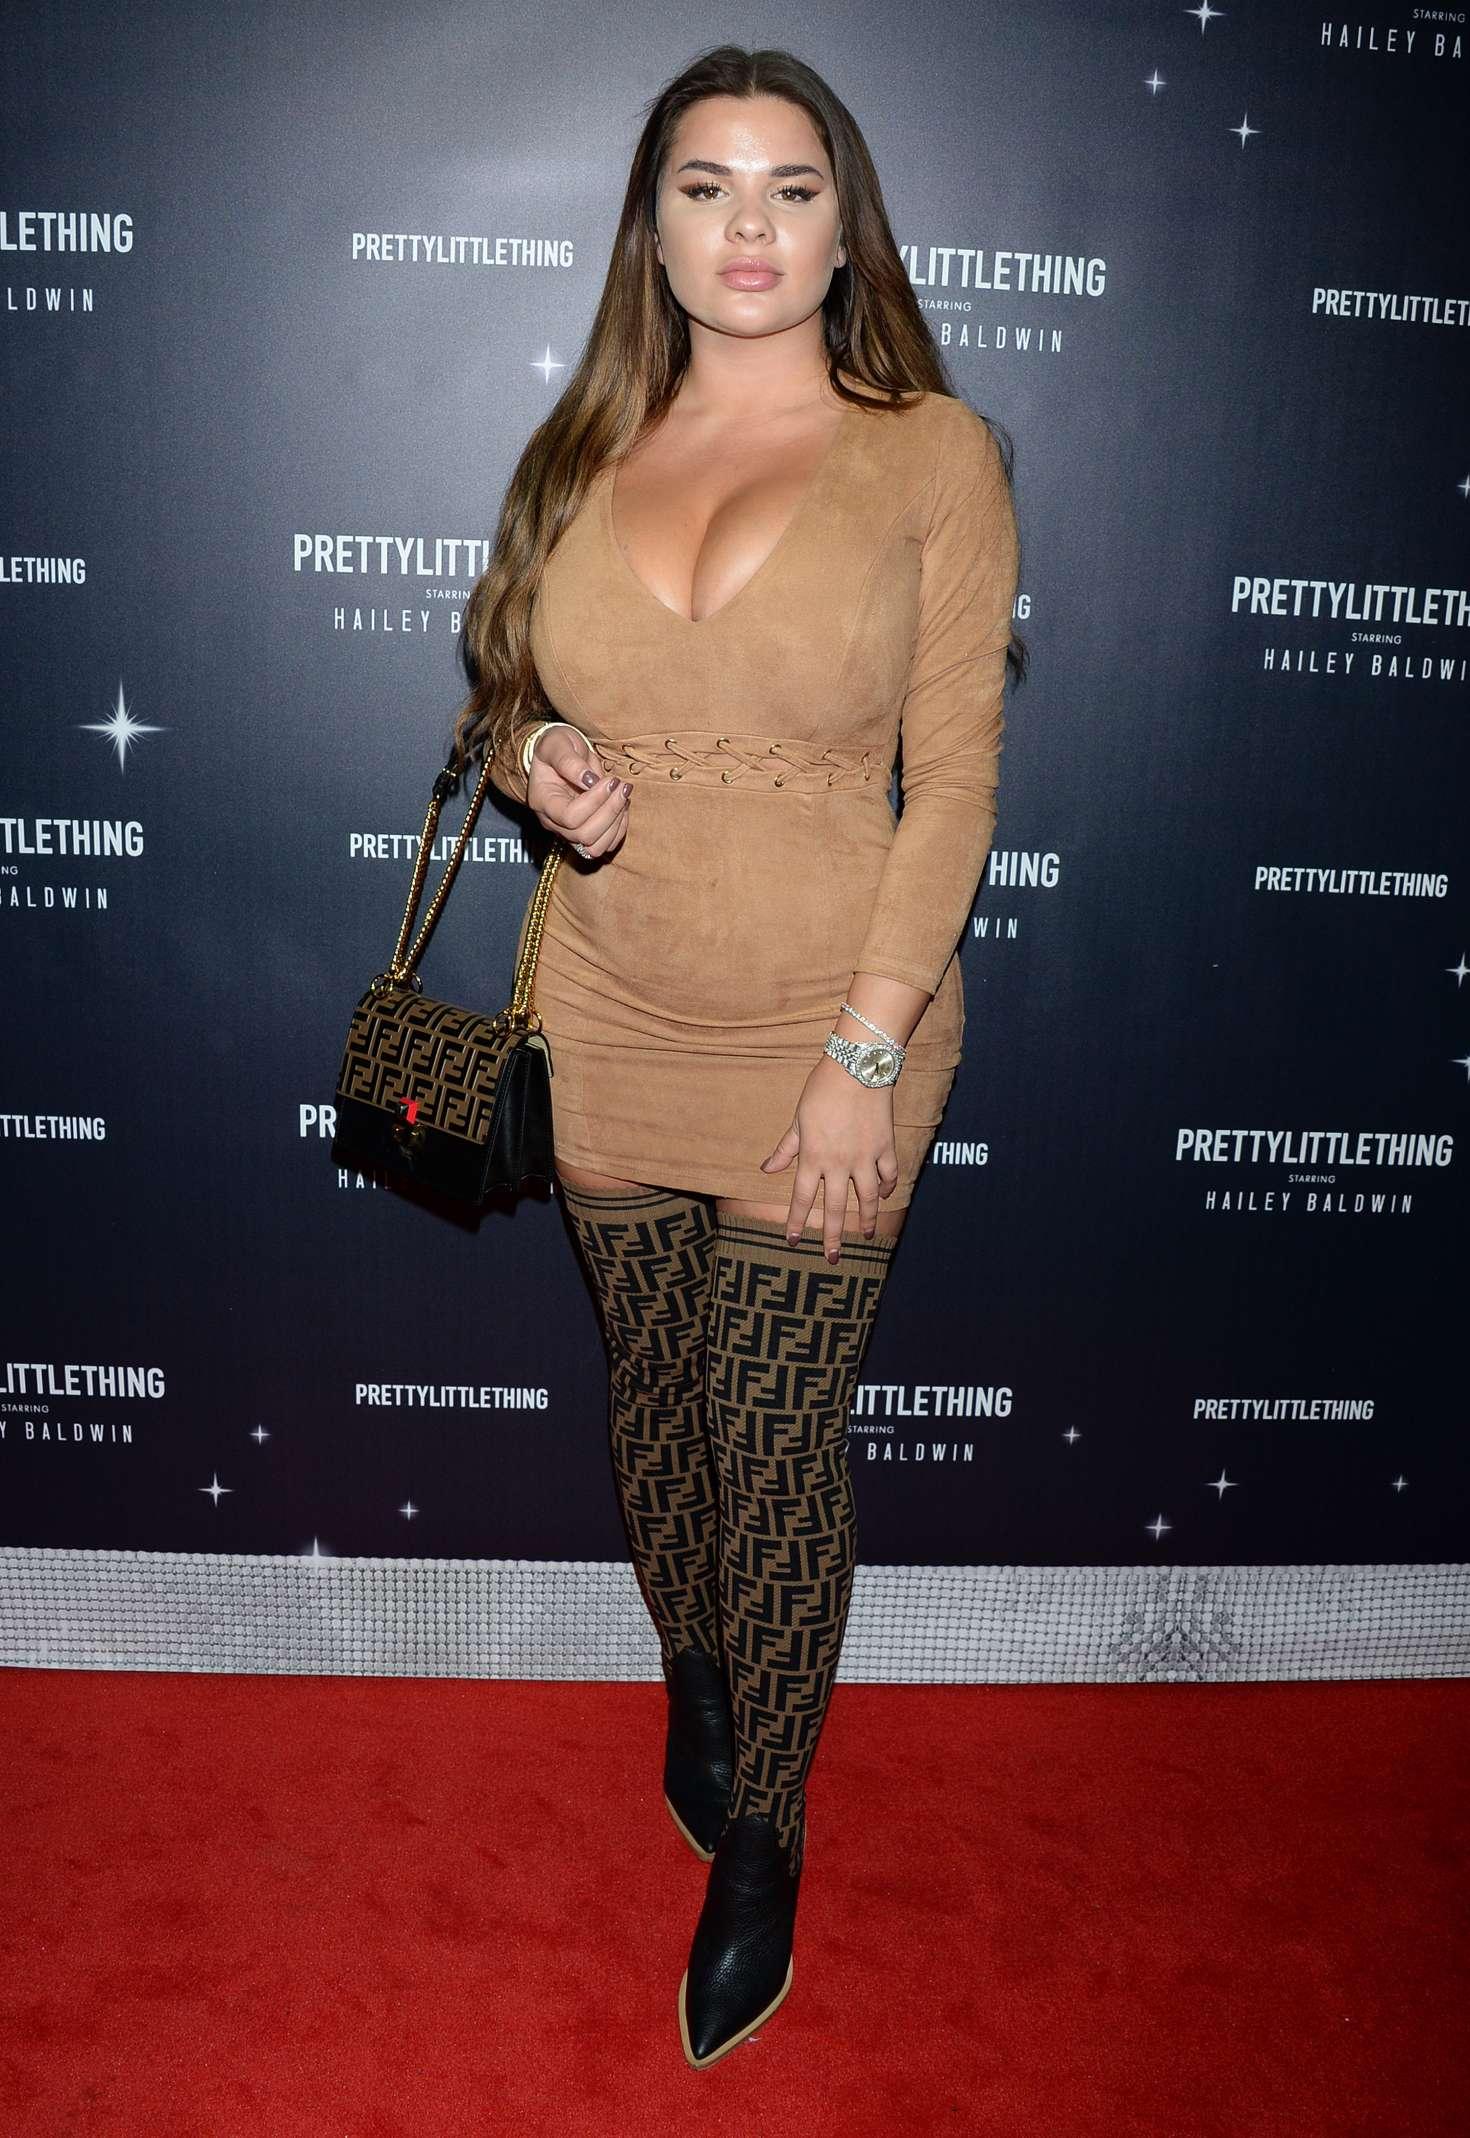 Anastasia Kvitko - PrettyLittleThing x Hailey Baldwin Launch Event in LA